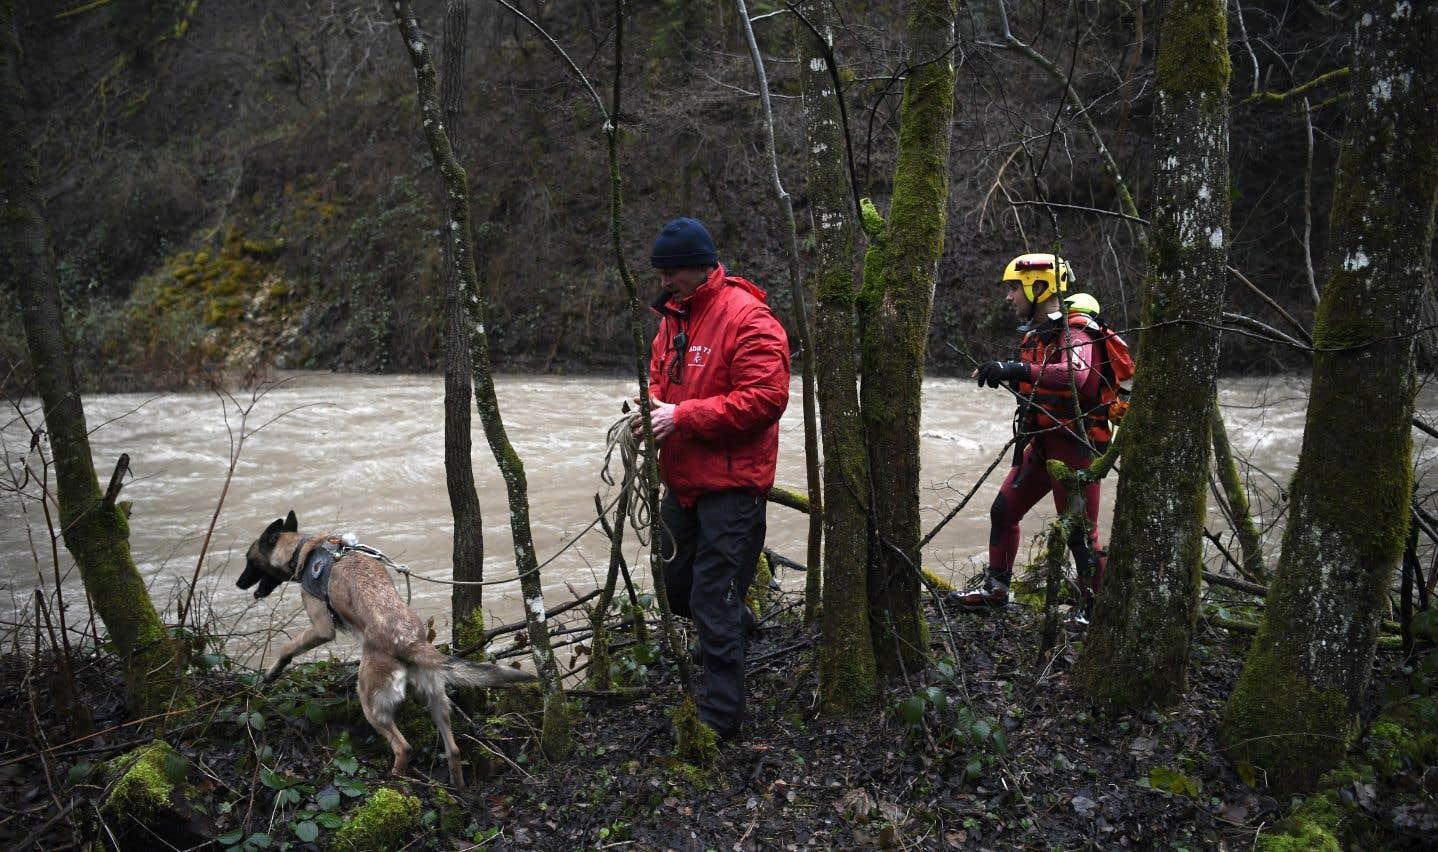 Des vents violents et des bourrasques de pluie ont balayé l'Europe occidentale.